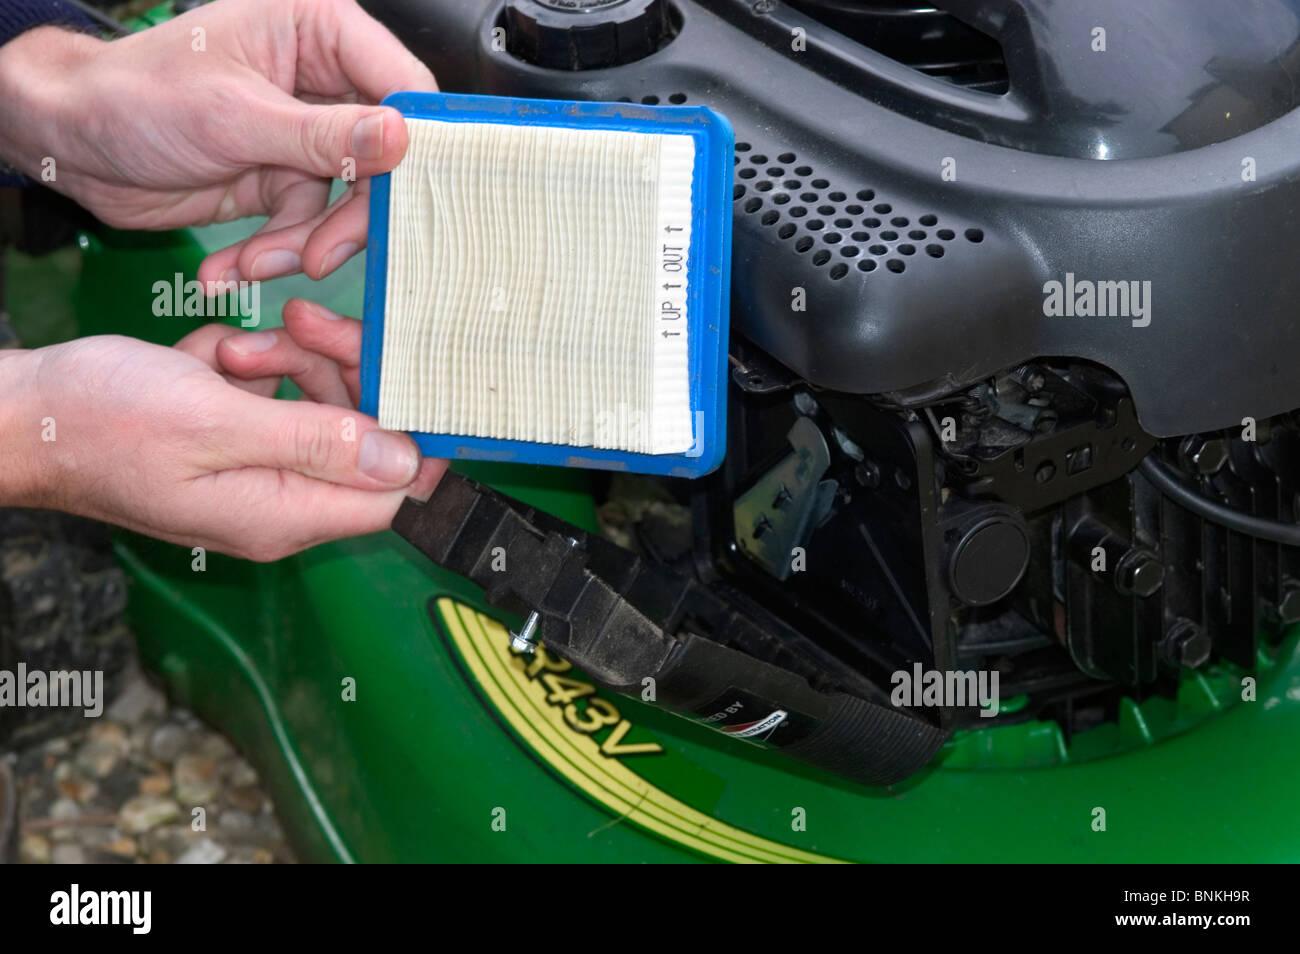 Quitar el filtro de aire de una segadora rotativa de gasolina Imagen De Stock